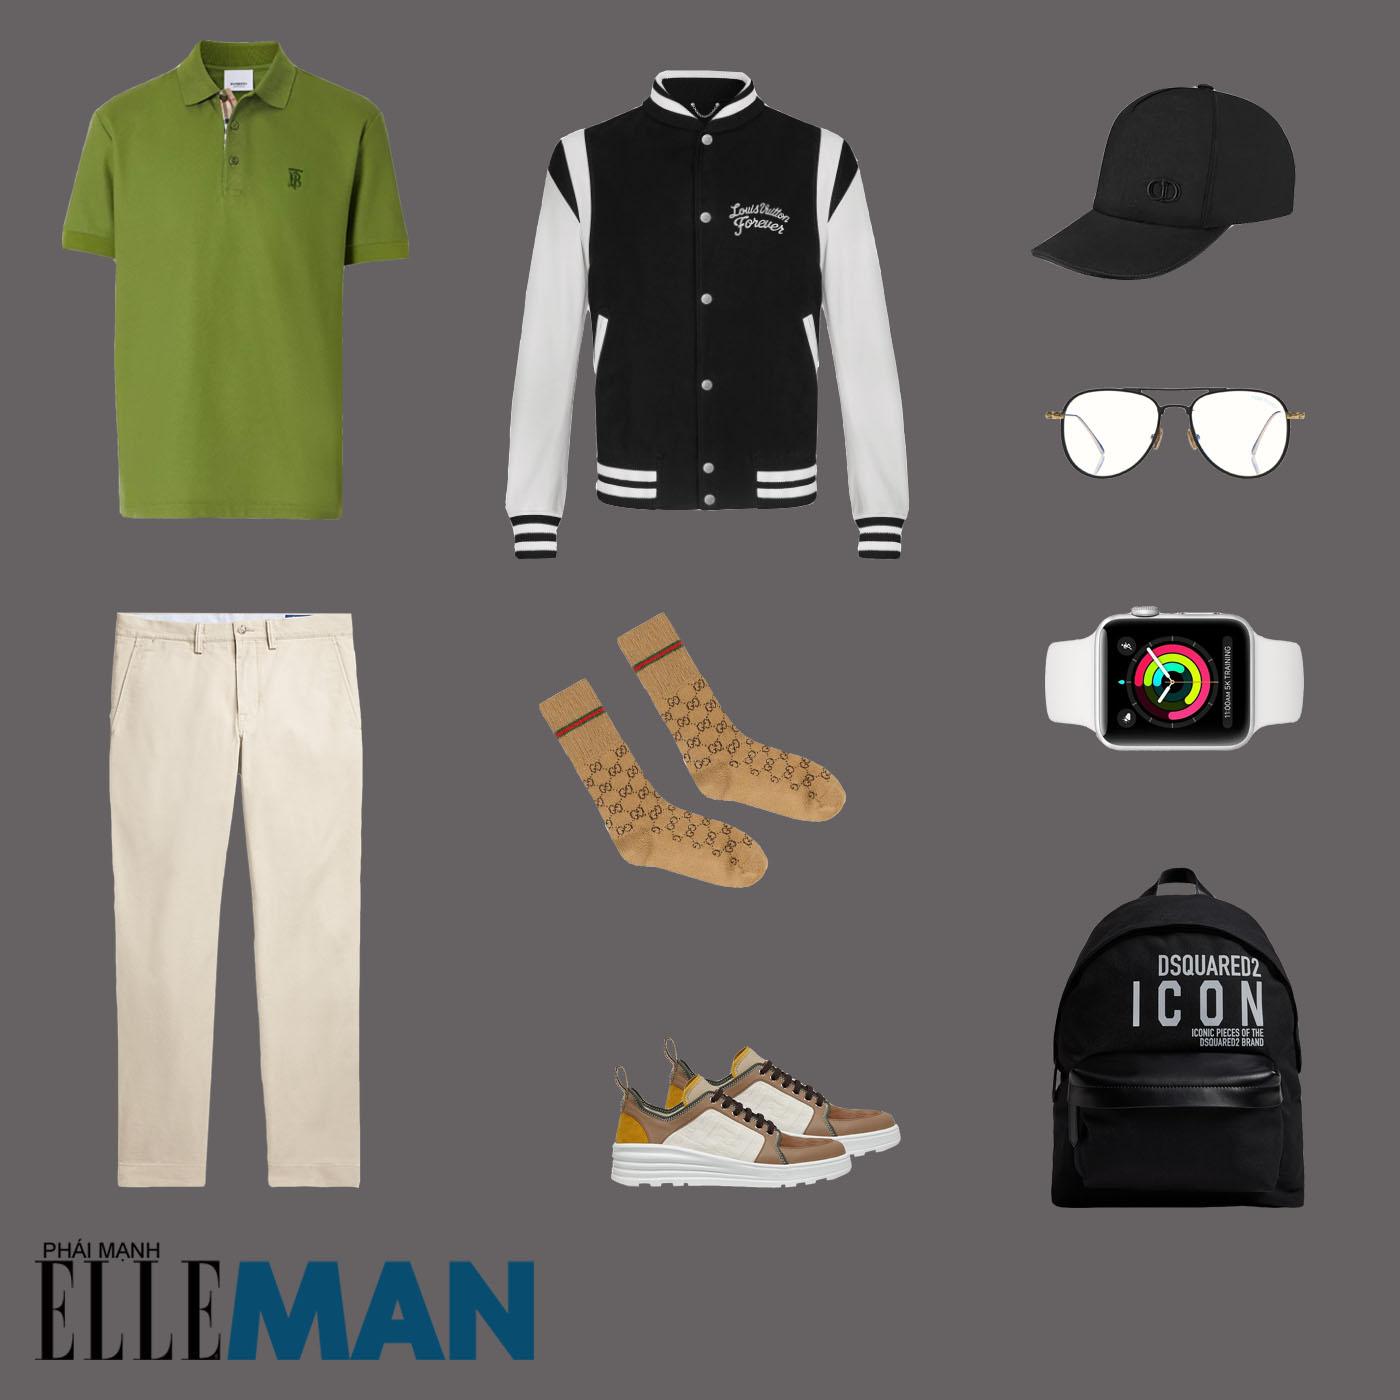 outfit 2 - phối đồ tông màu xanh lá